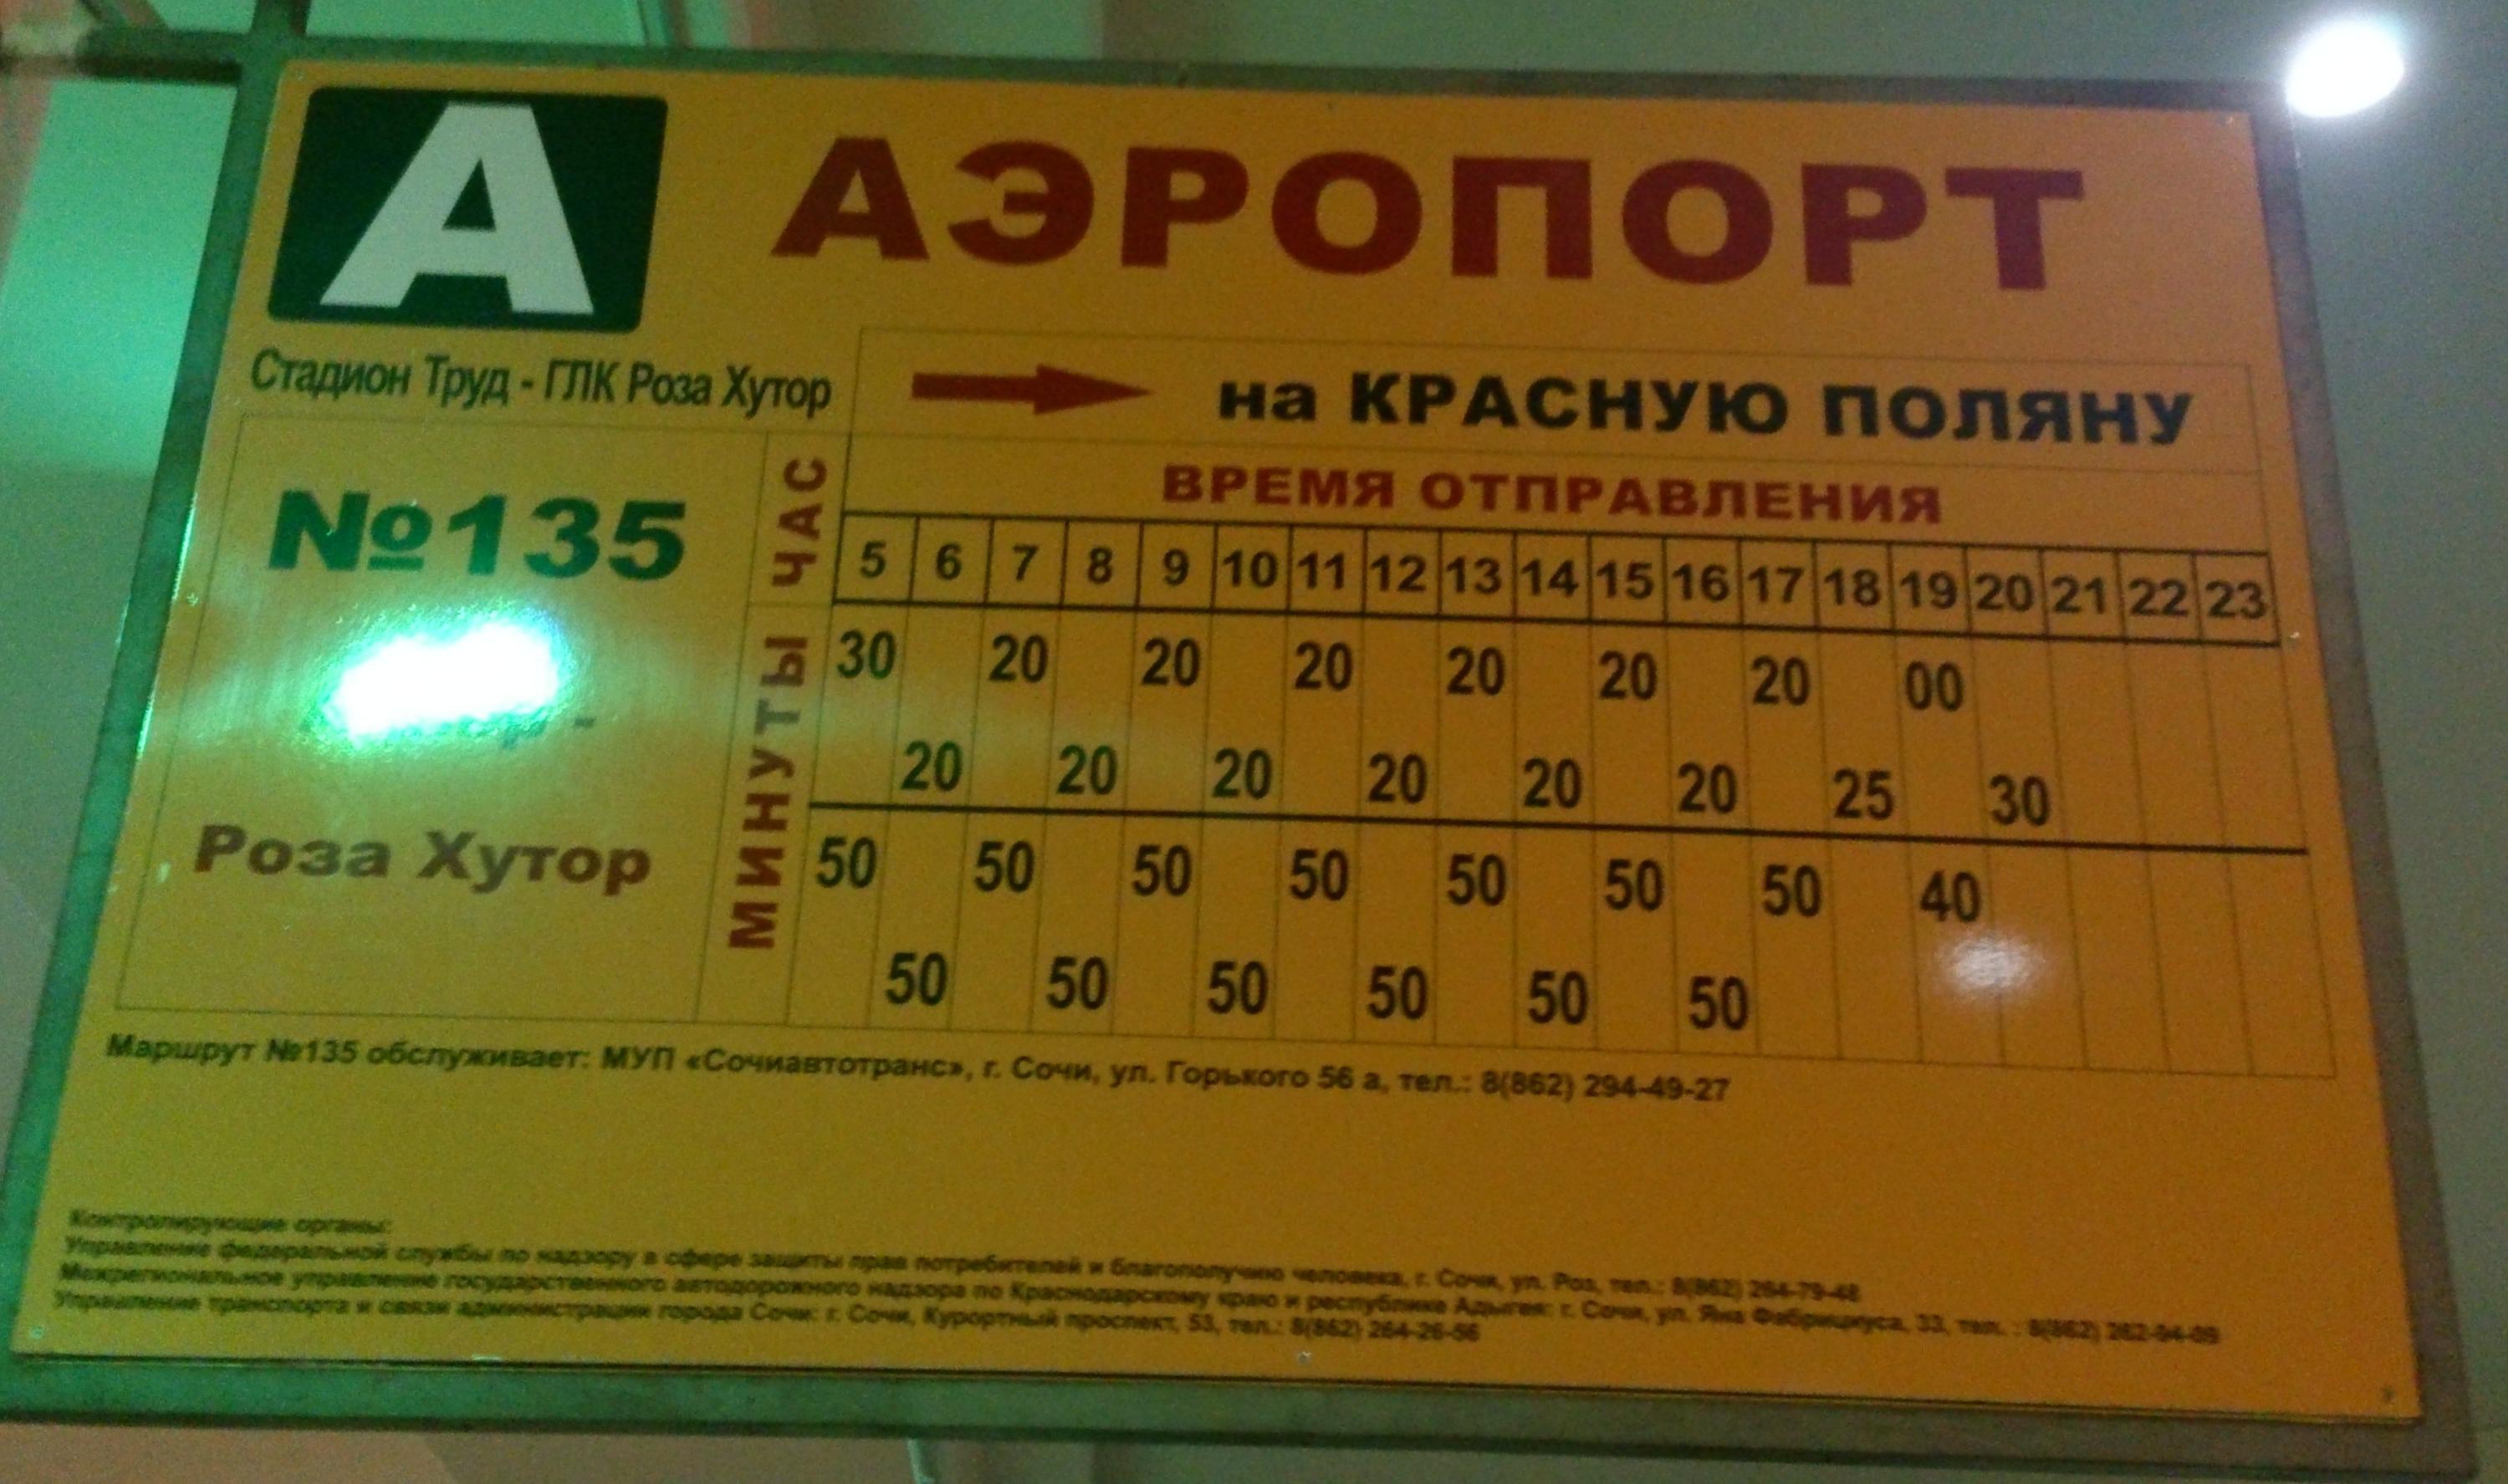 Расписание автобусов аэропорт роза хутор расписание